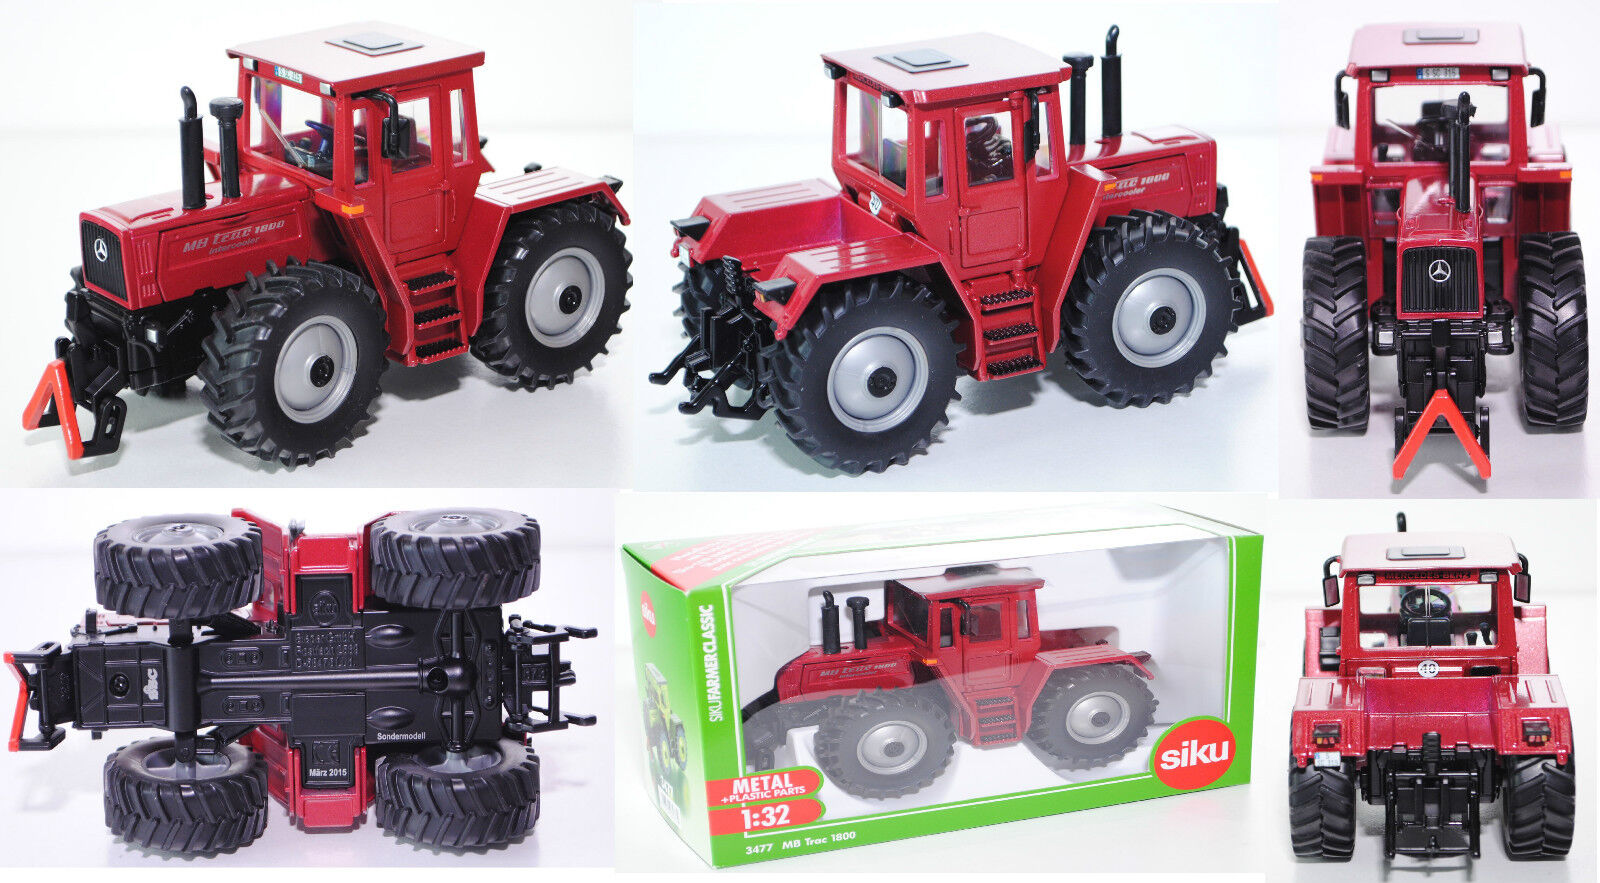 Siku Farmer 3477 MERCEDES-BENZ MB TRAC 1800 INTERCOOLER 1:32 SSC modello speciale